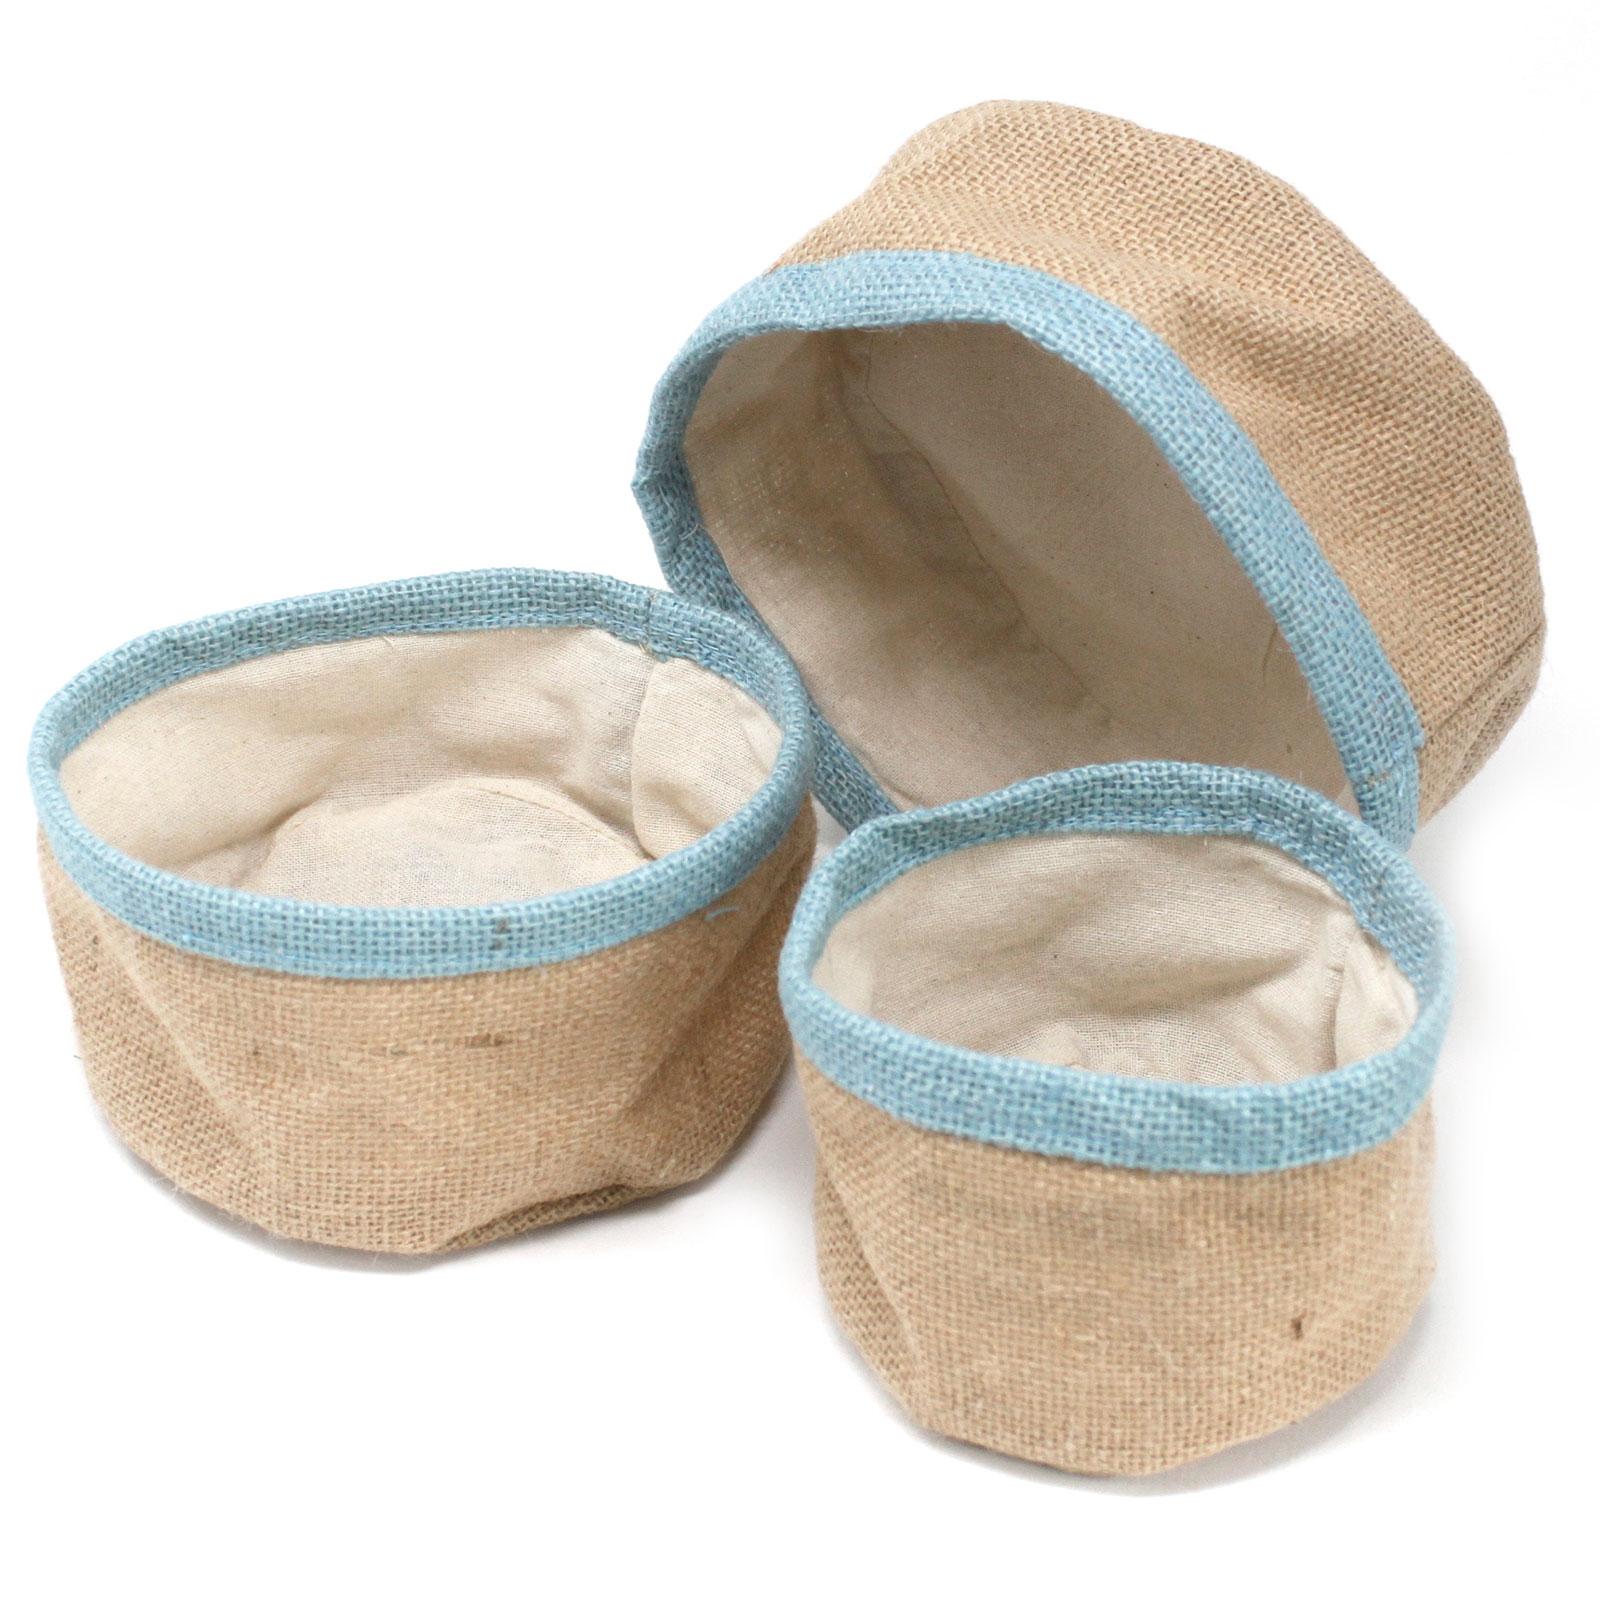 Set of 3 Natural Jute Baskets Teal